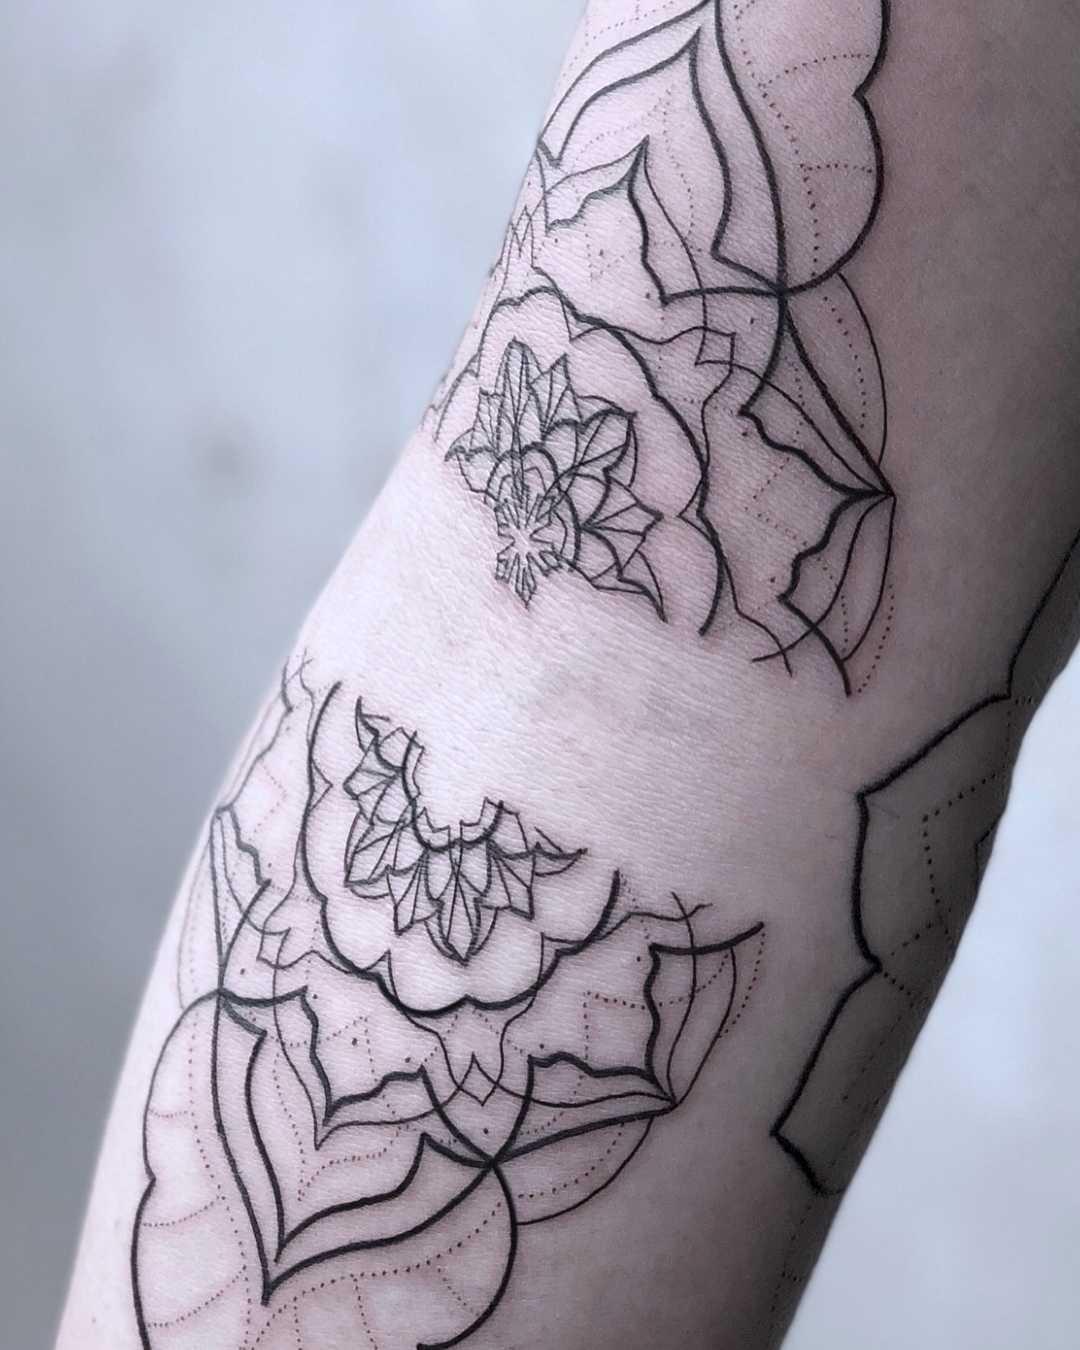 Mandala tattoo in progress